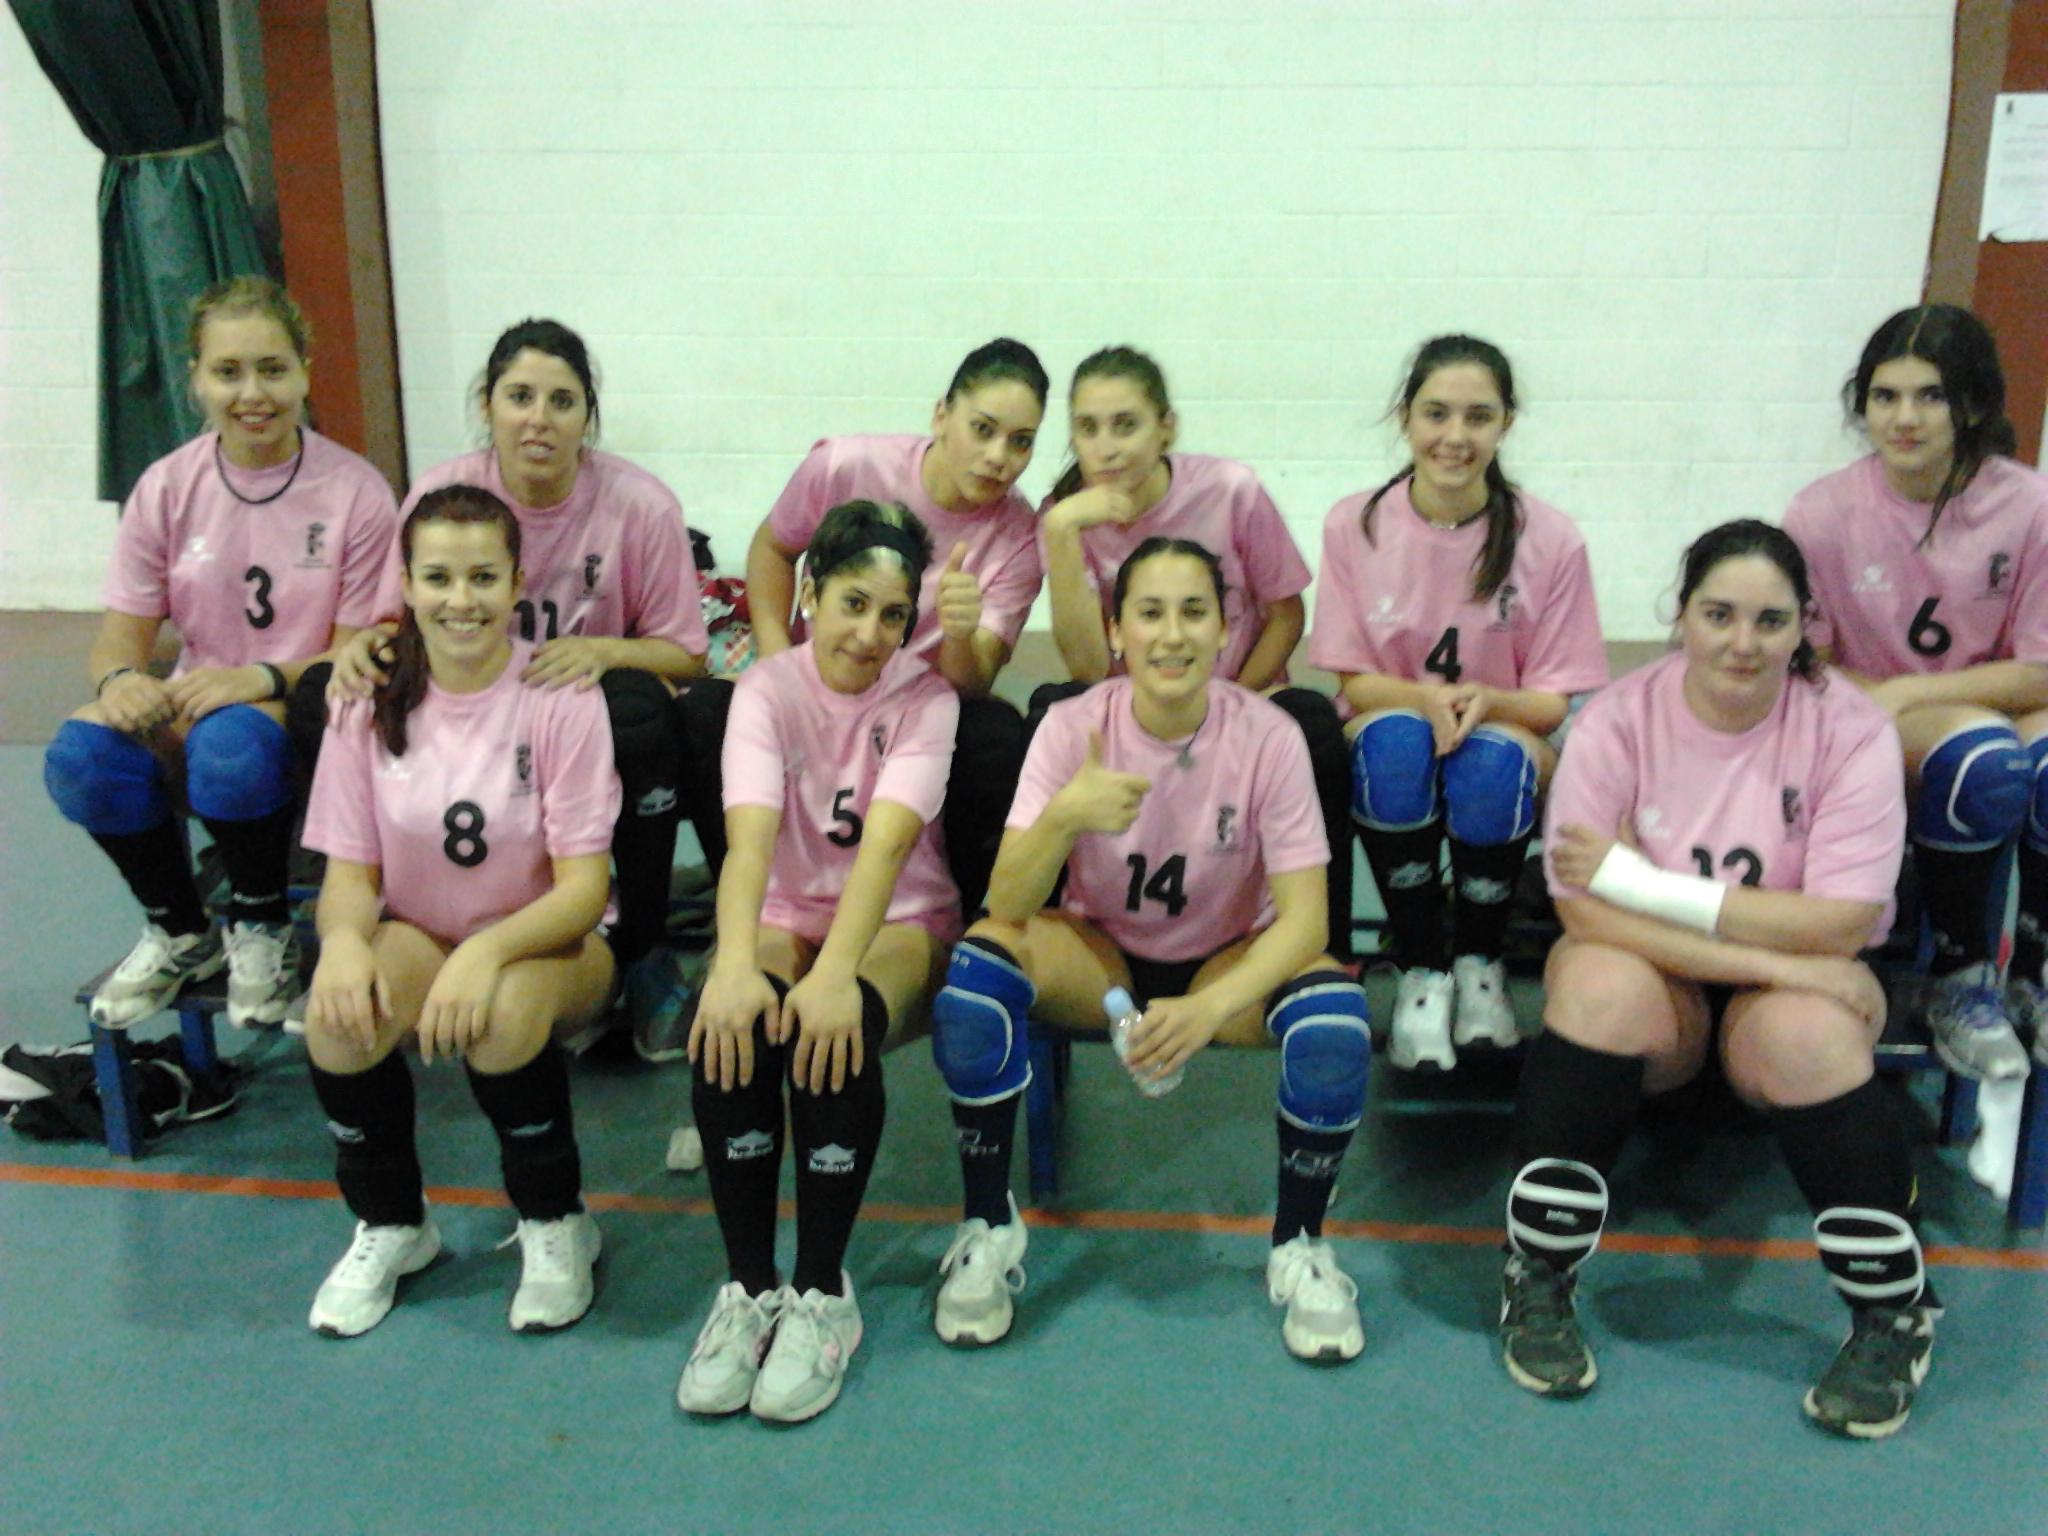 Arranque histórico de Torrejoncillo en categorías juvenil y senior